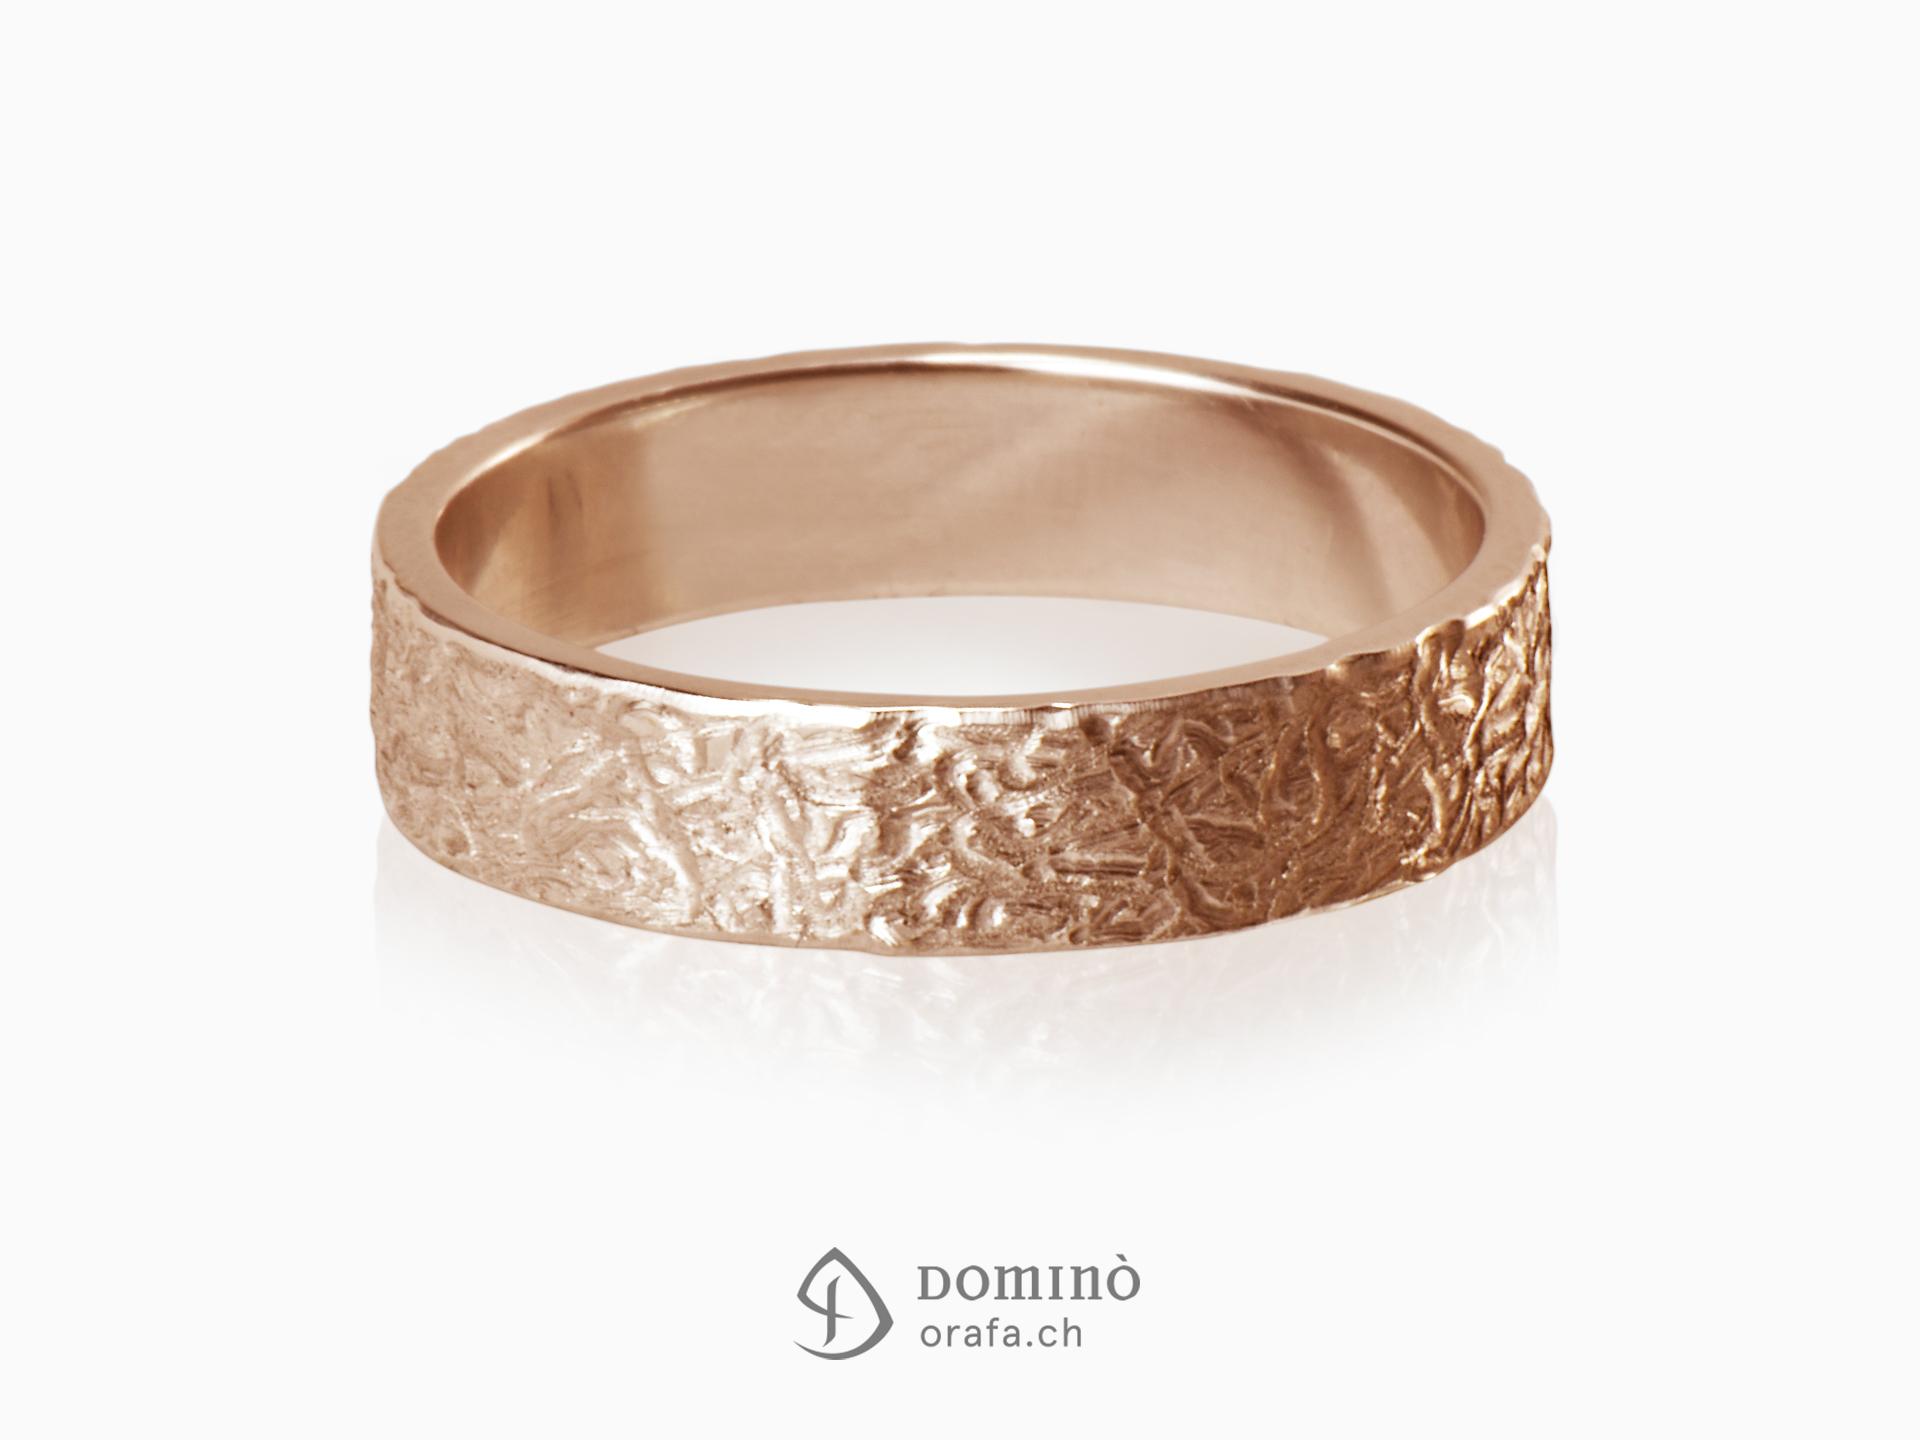 Corteccia rings